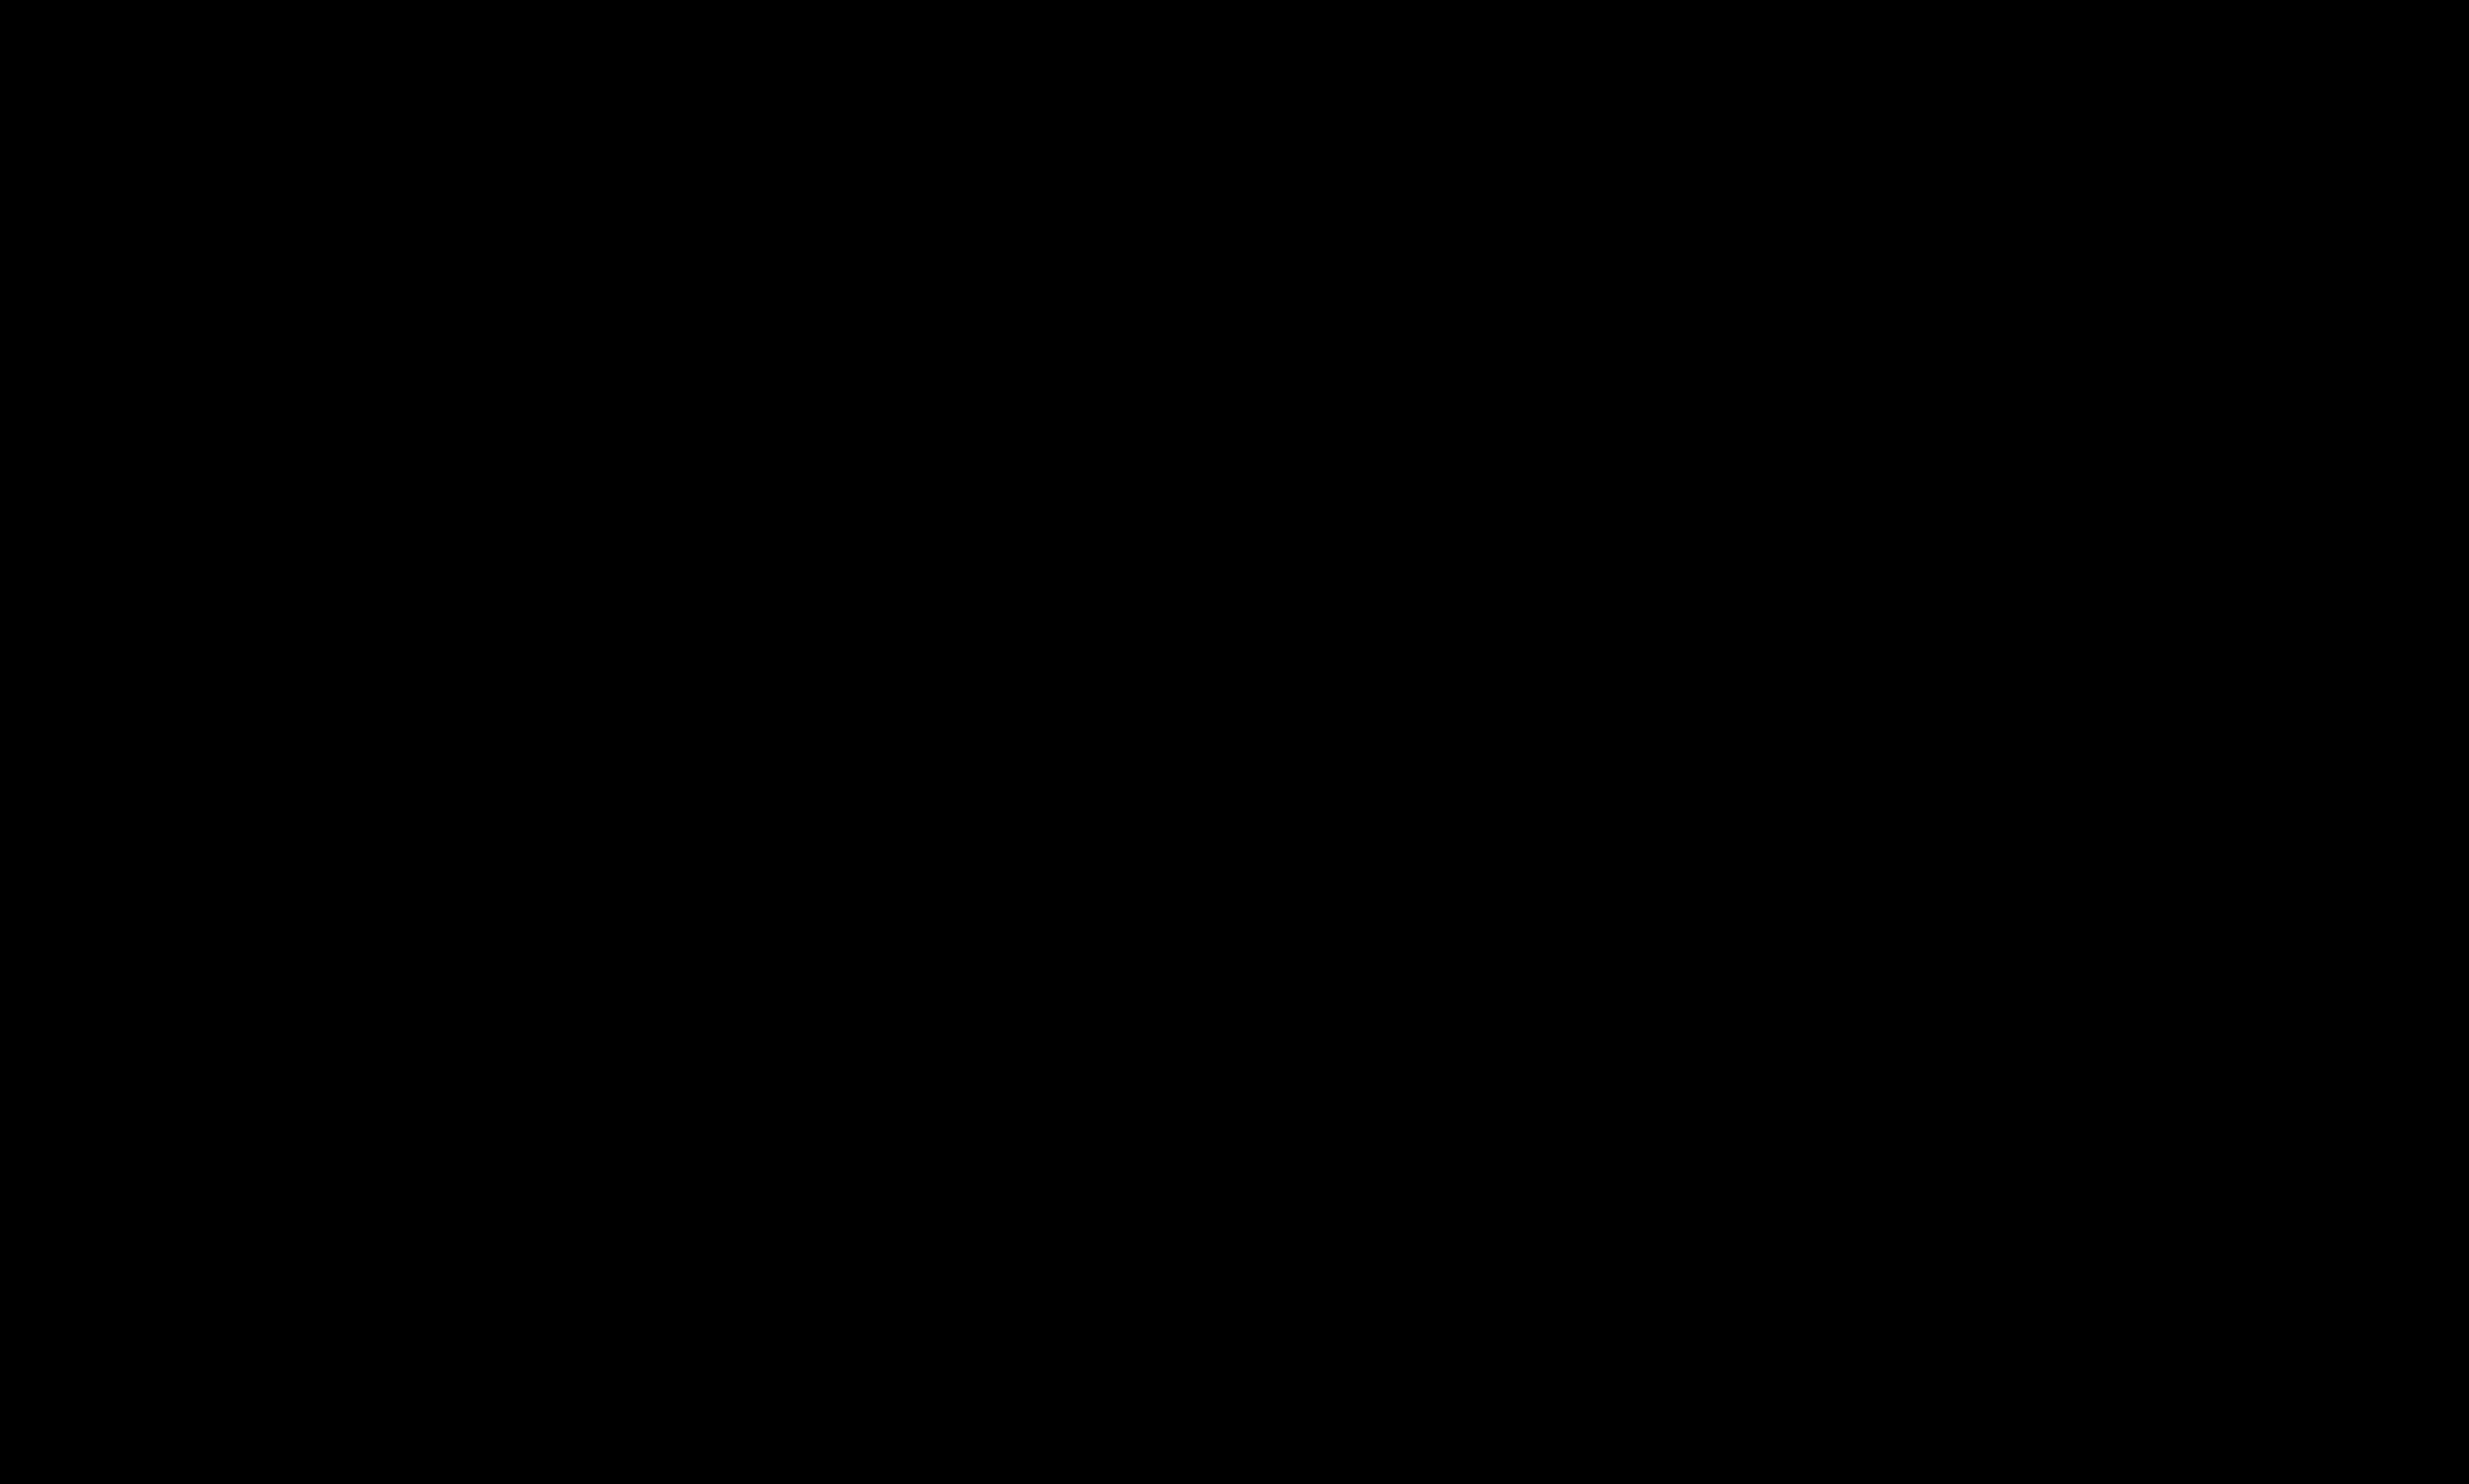 2018-12-06-senac-adelmir-almoco-glenda-23